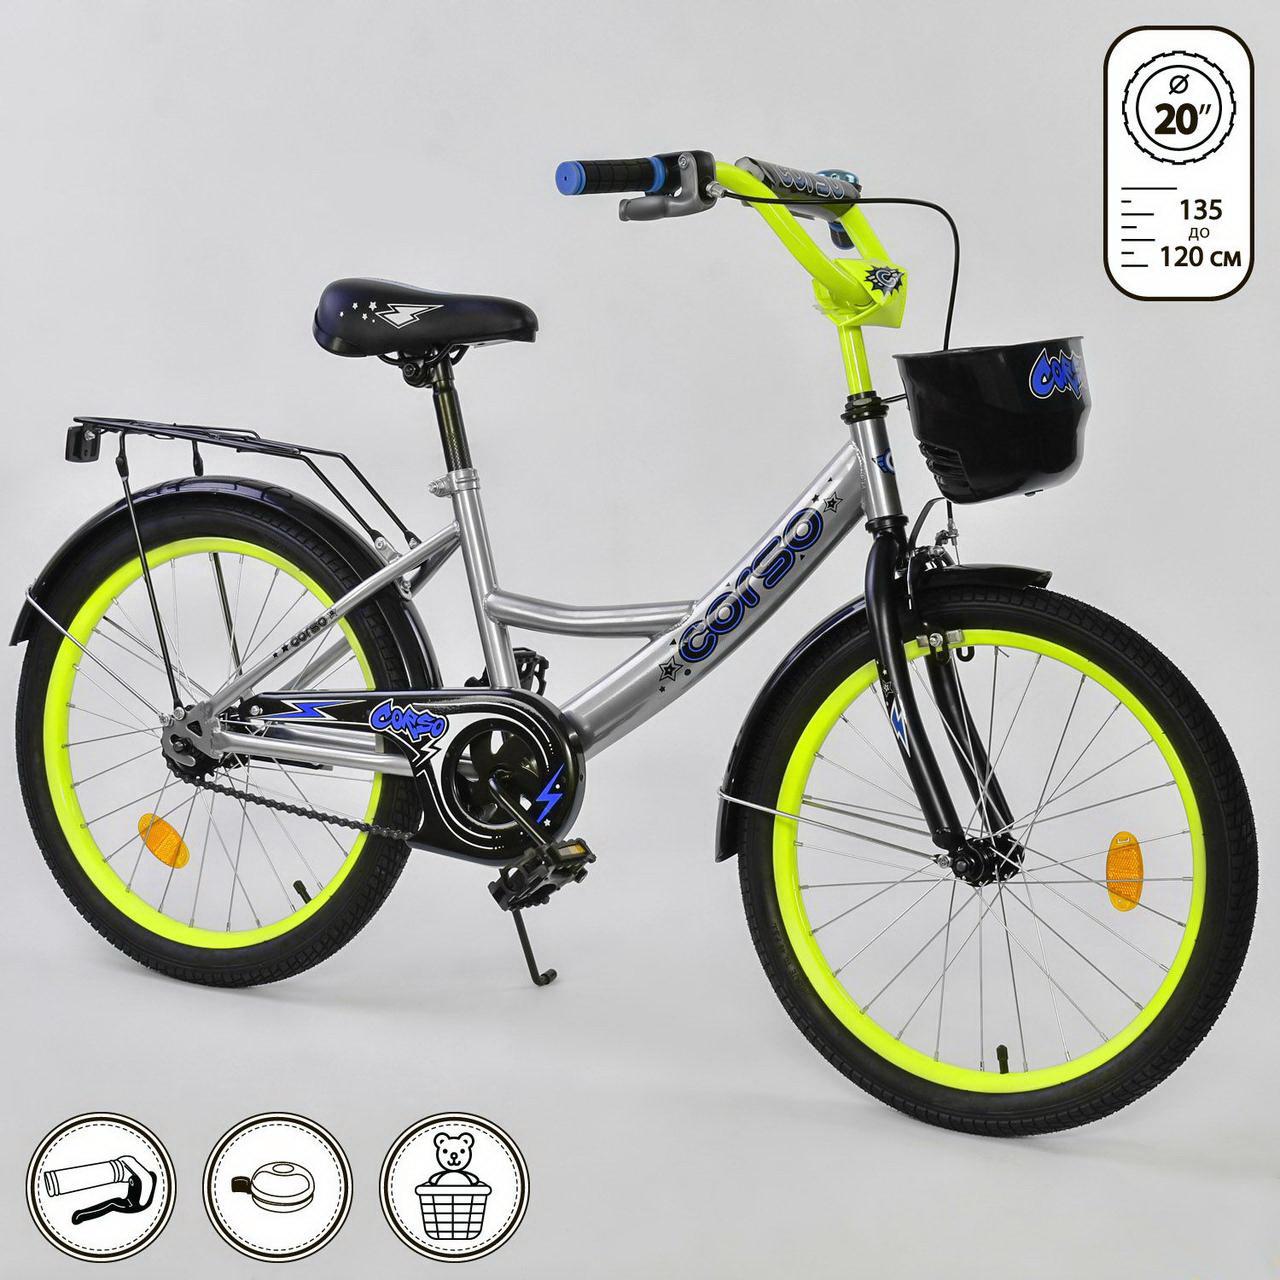 Велосипед 2-х колёсный CORSO, 20 дюймов, Серый (G-20919)